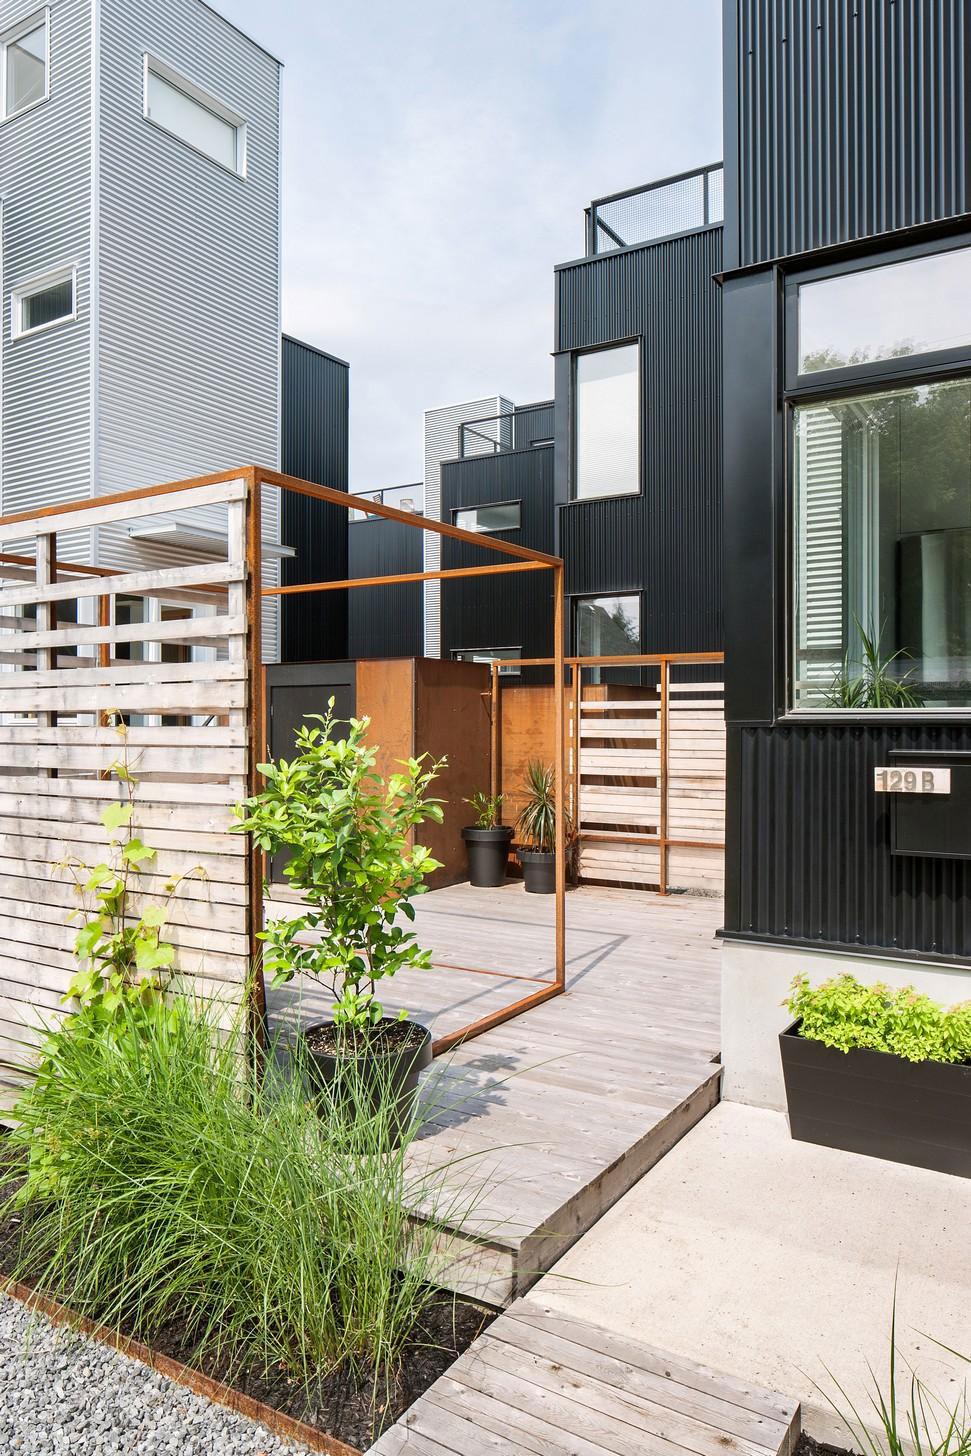 The Hintonburg Six Multi-unit Development by Colizza Bruni Architecture-05